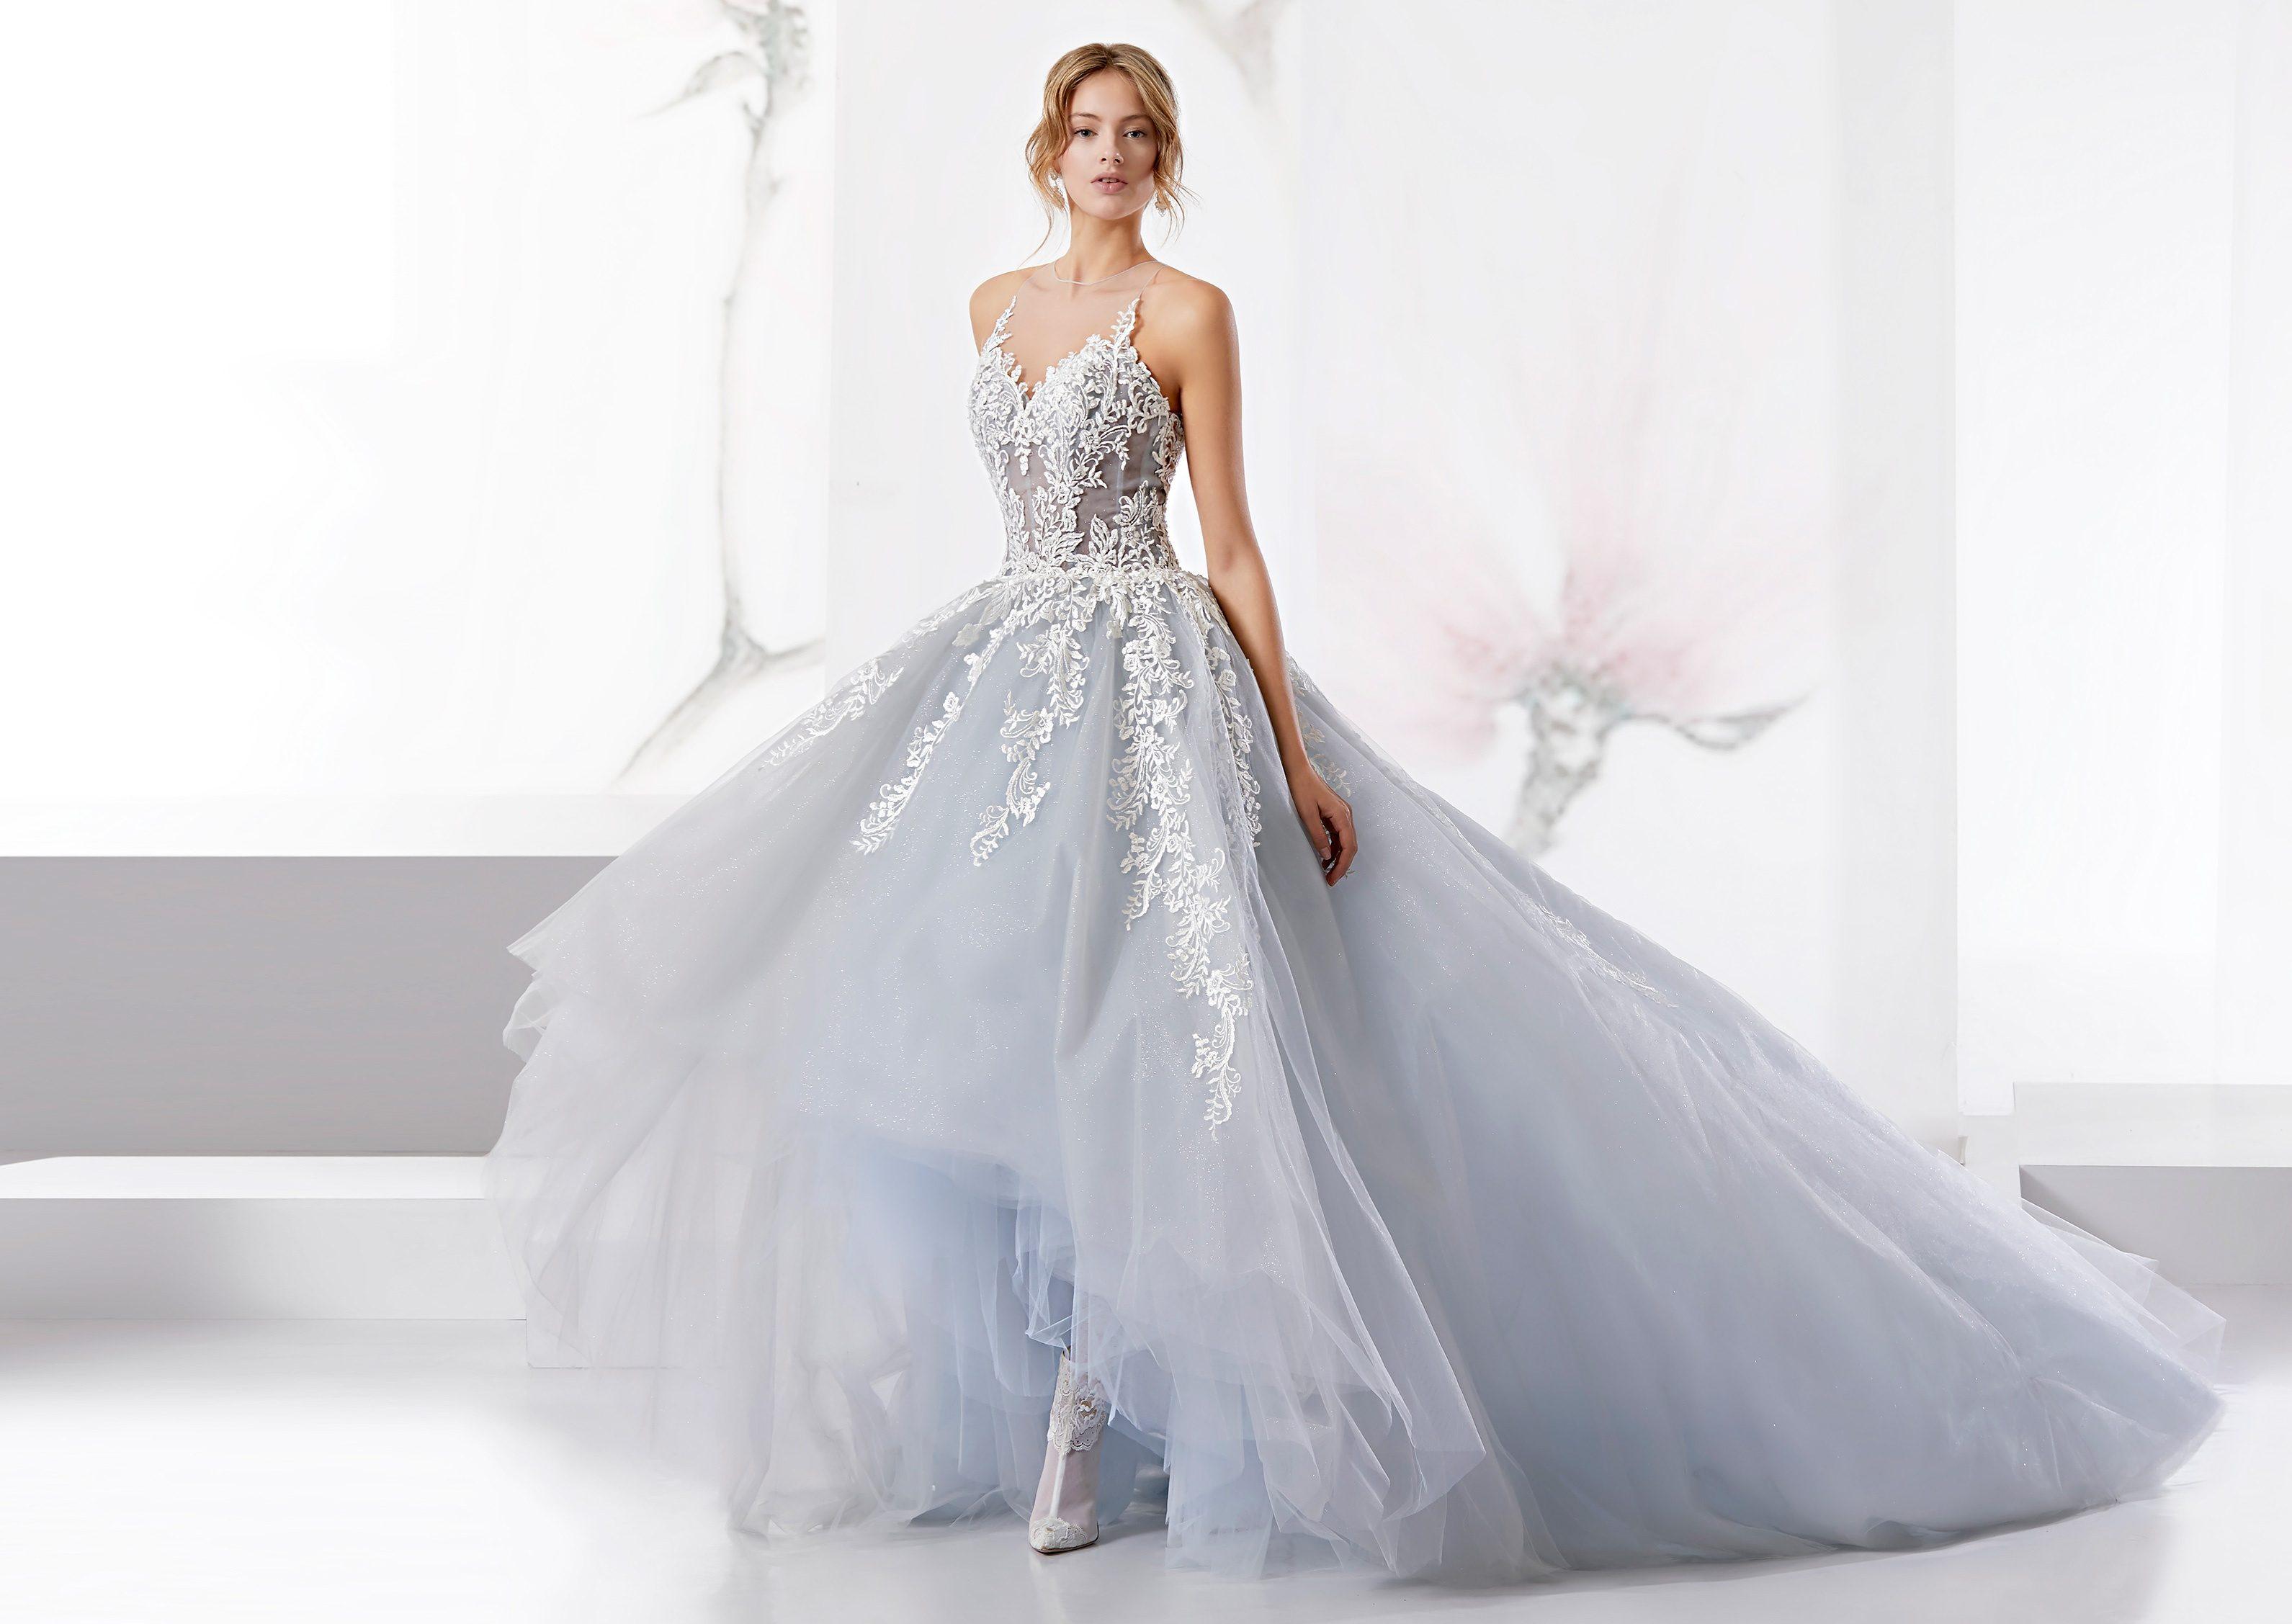 Vestiti Da Sposa 150 Euro.Termoli Ladri Rubano 150 Abiti Da Sposa Da Un Negozio